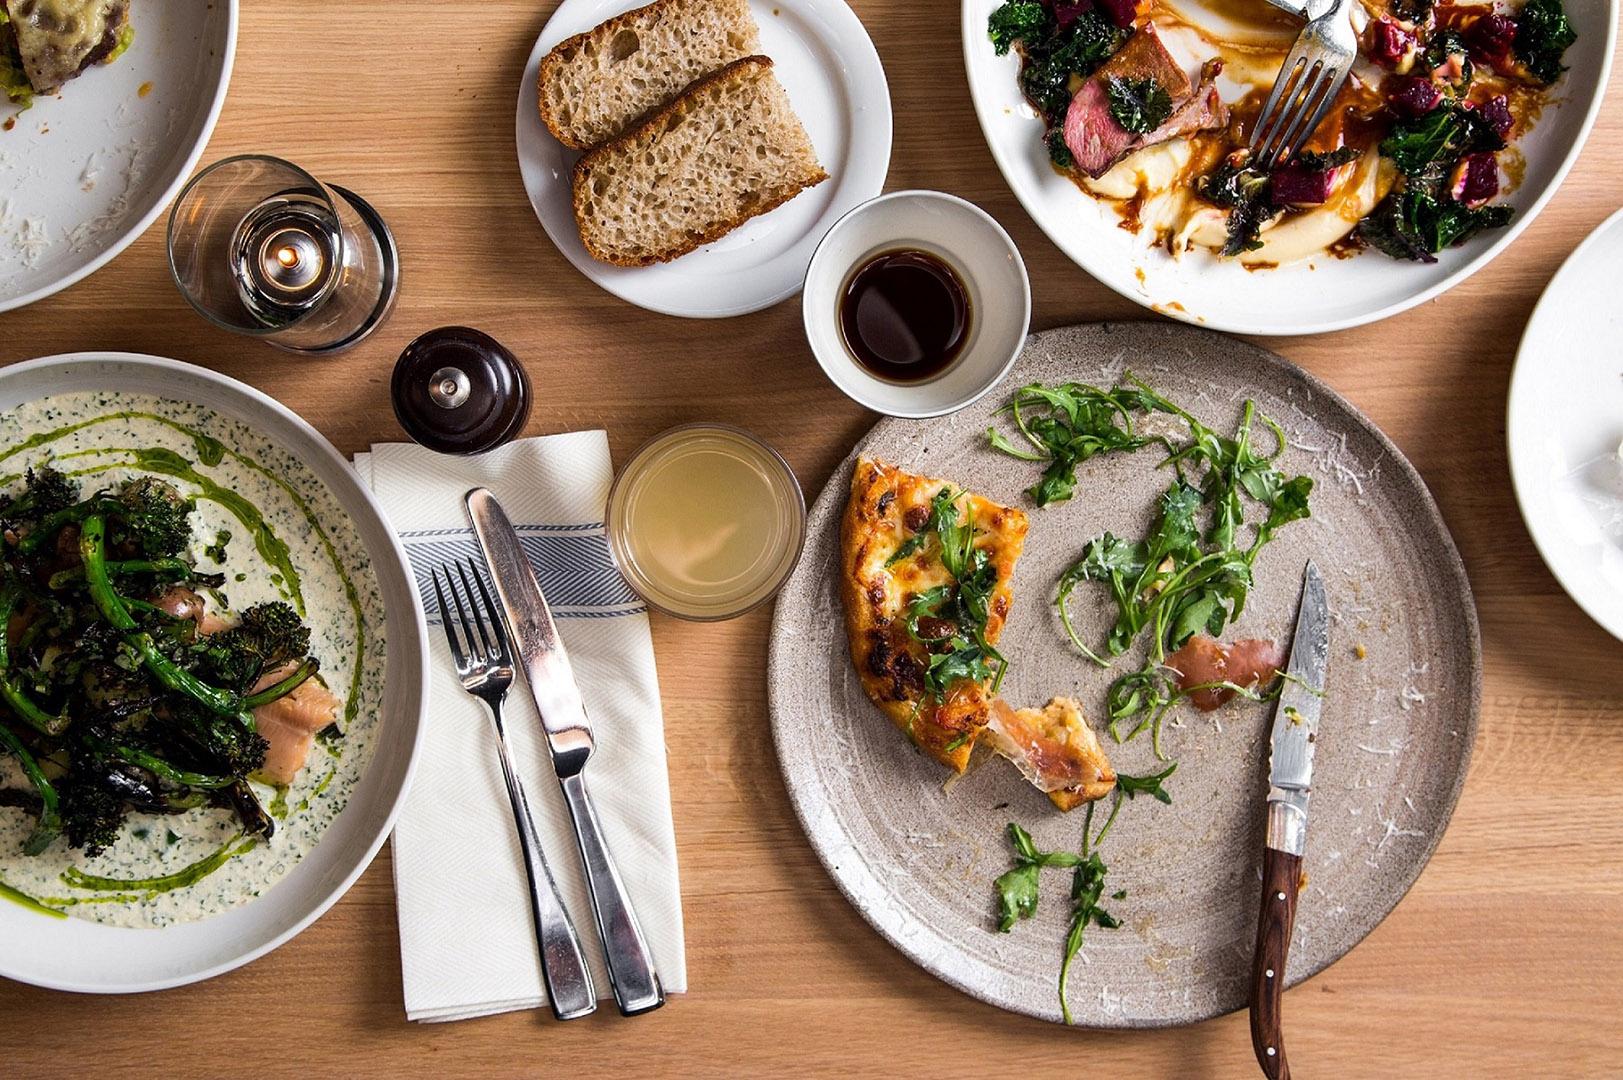 5_Tango_4_food_Arne Bru Haug